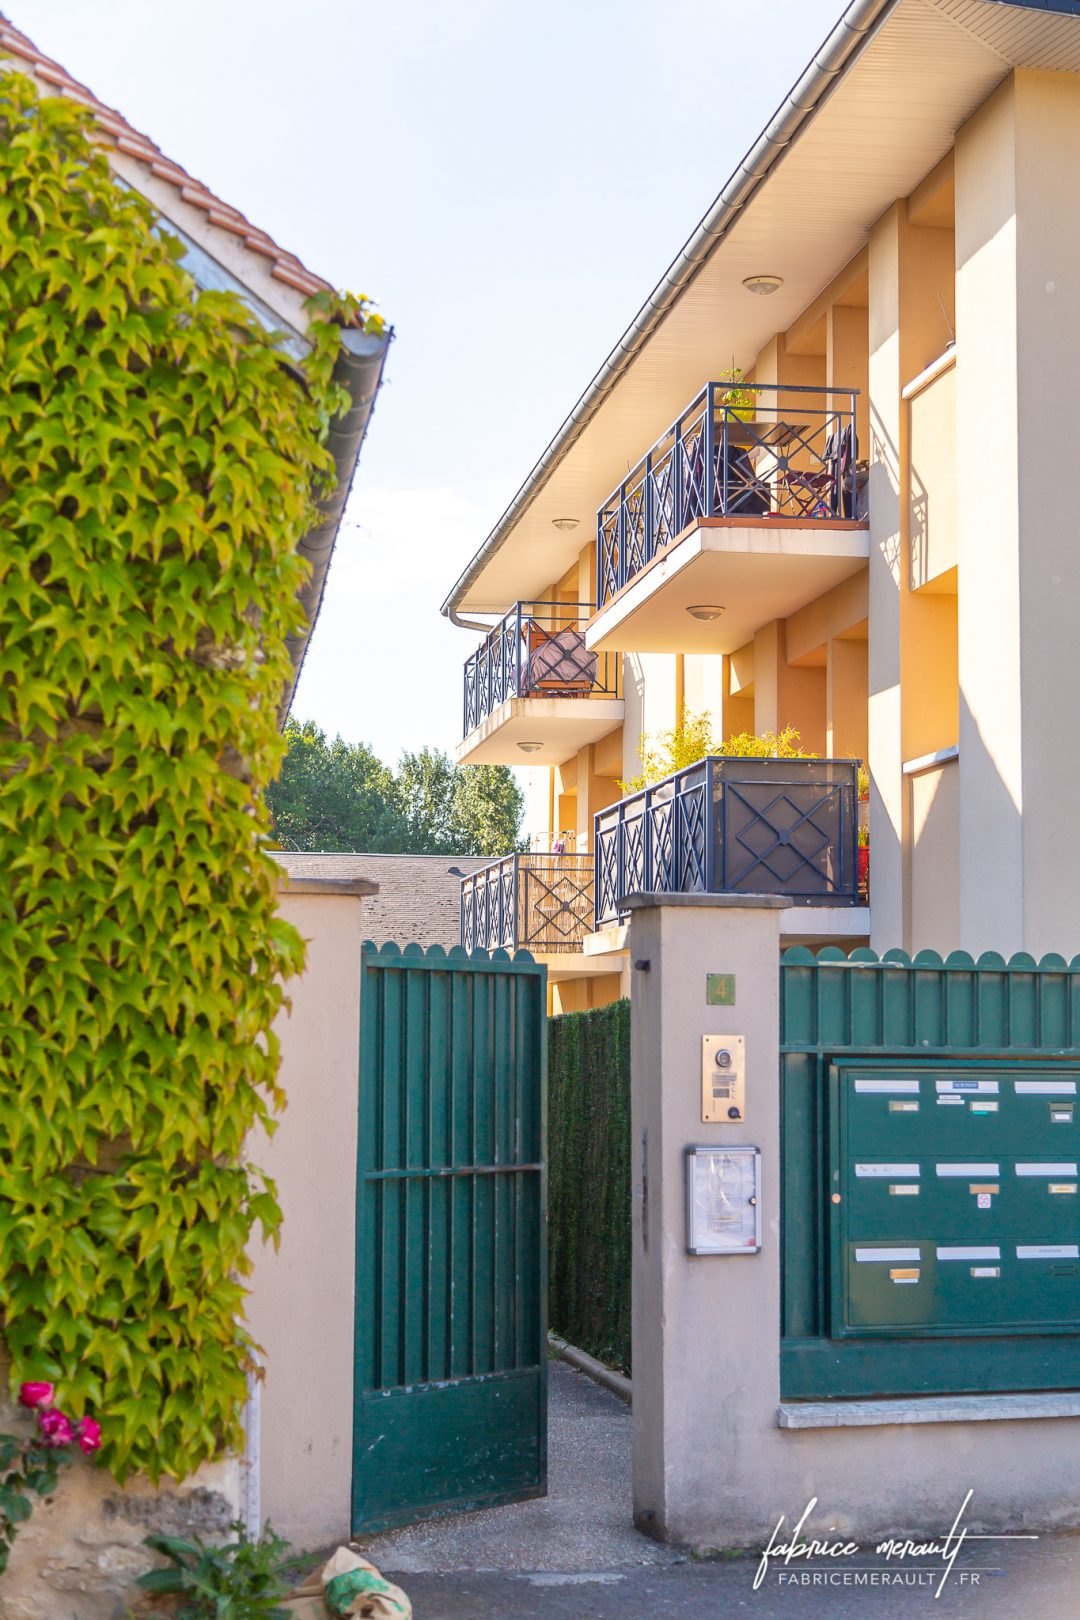 Photographie immobilière - Entrée de la copropriété